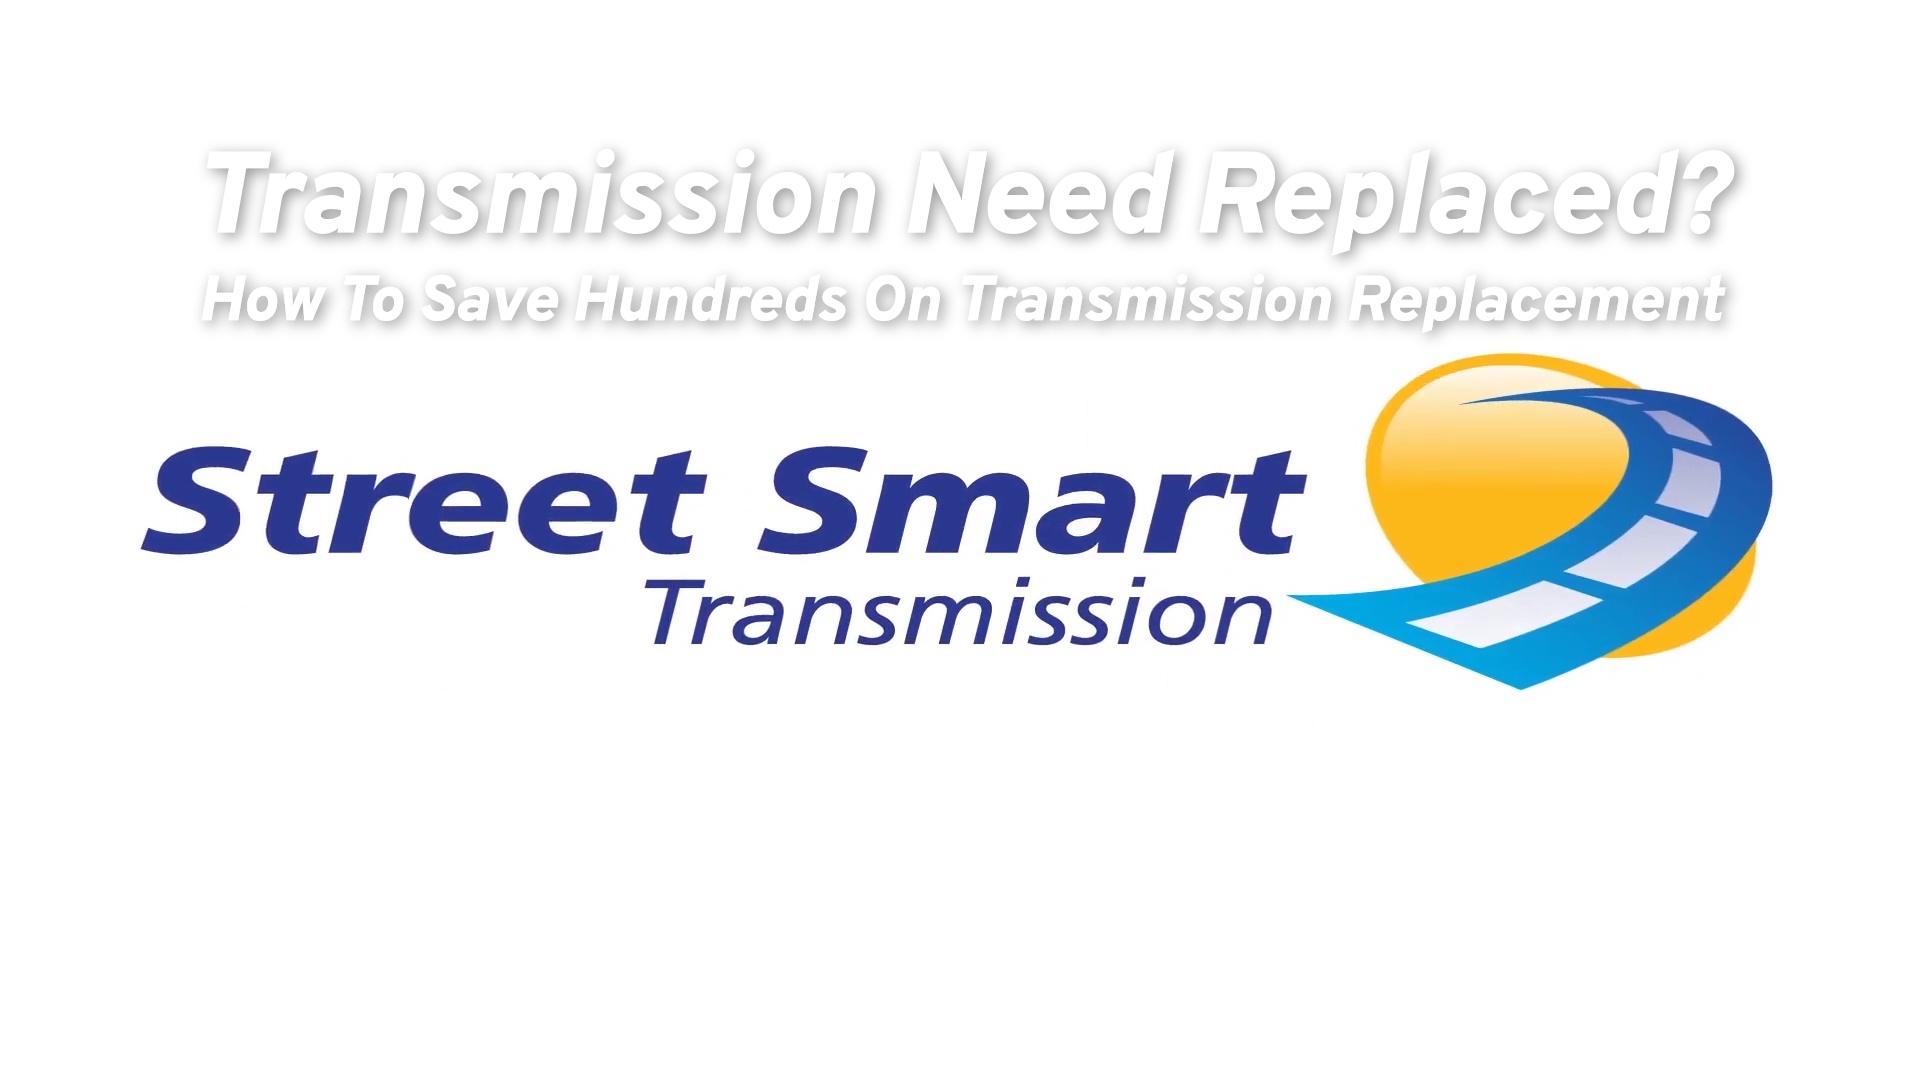 medium resolution of street smart transmission logo